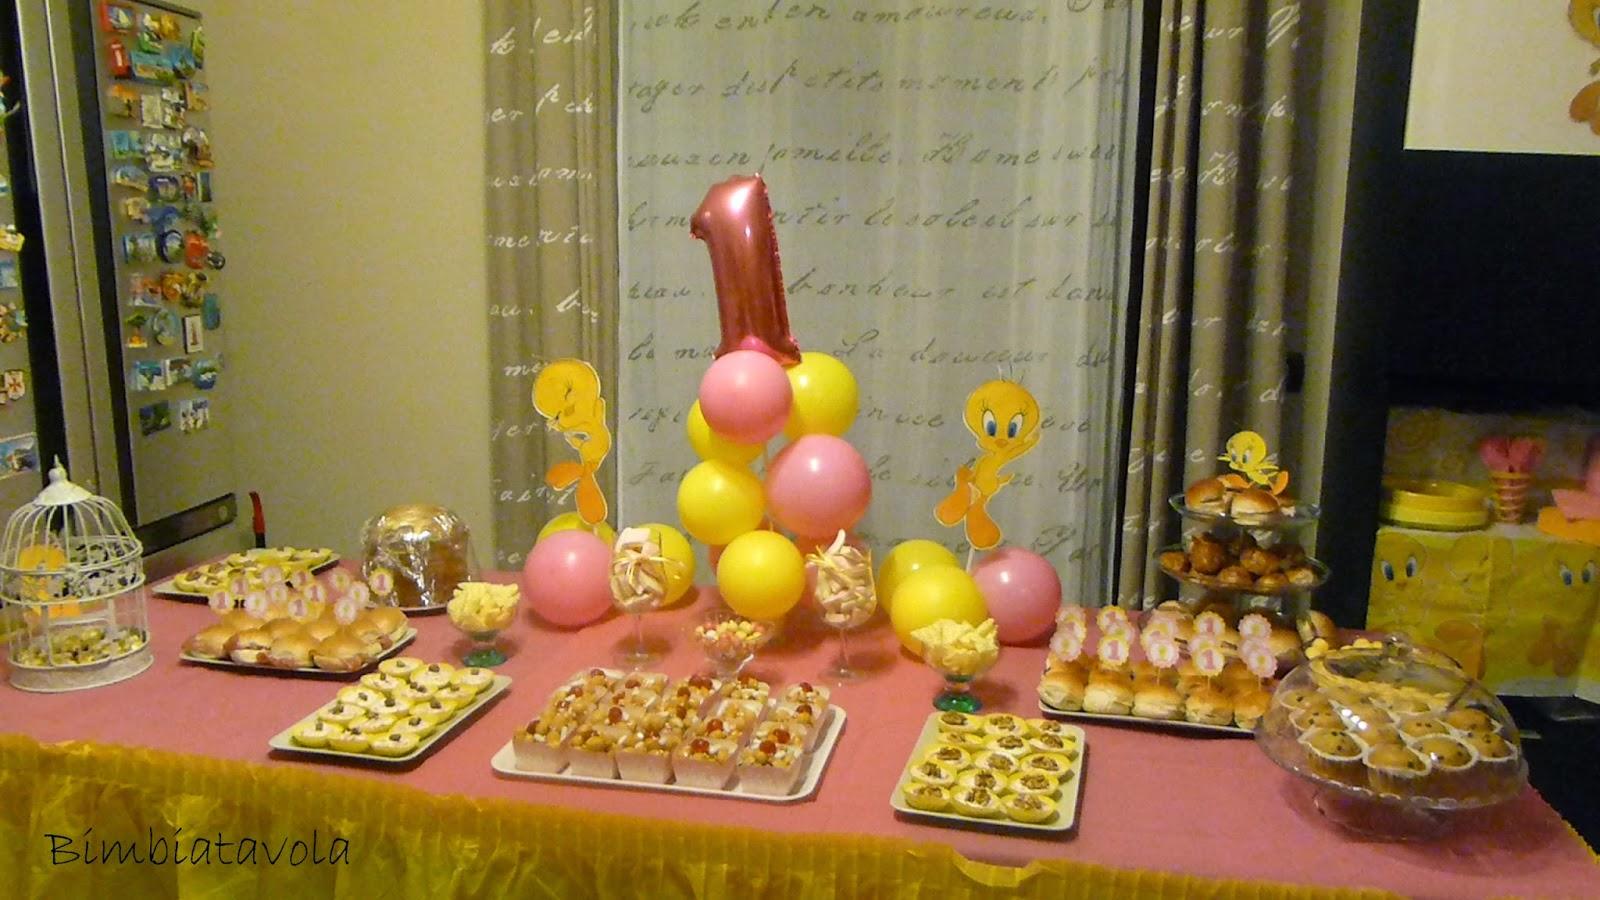 Eccezionale bimbi a tavola: Festa a tema titti, il primo compleanno di Martina ML09